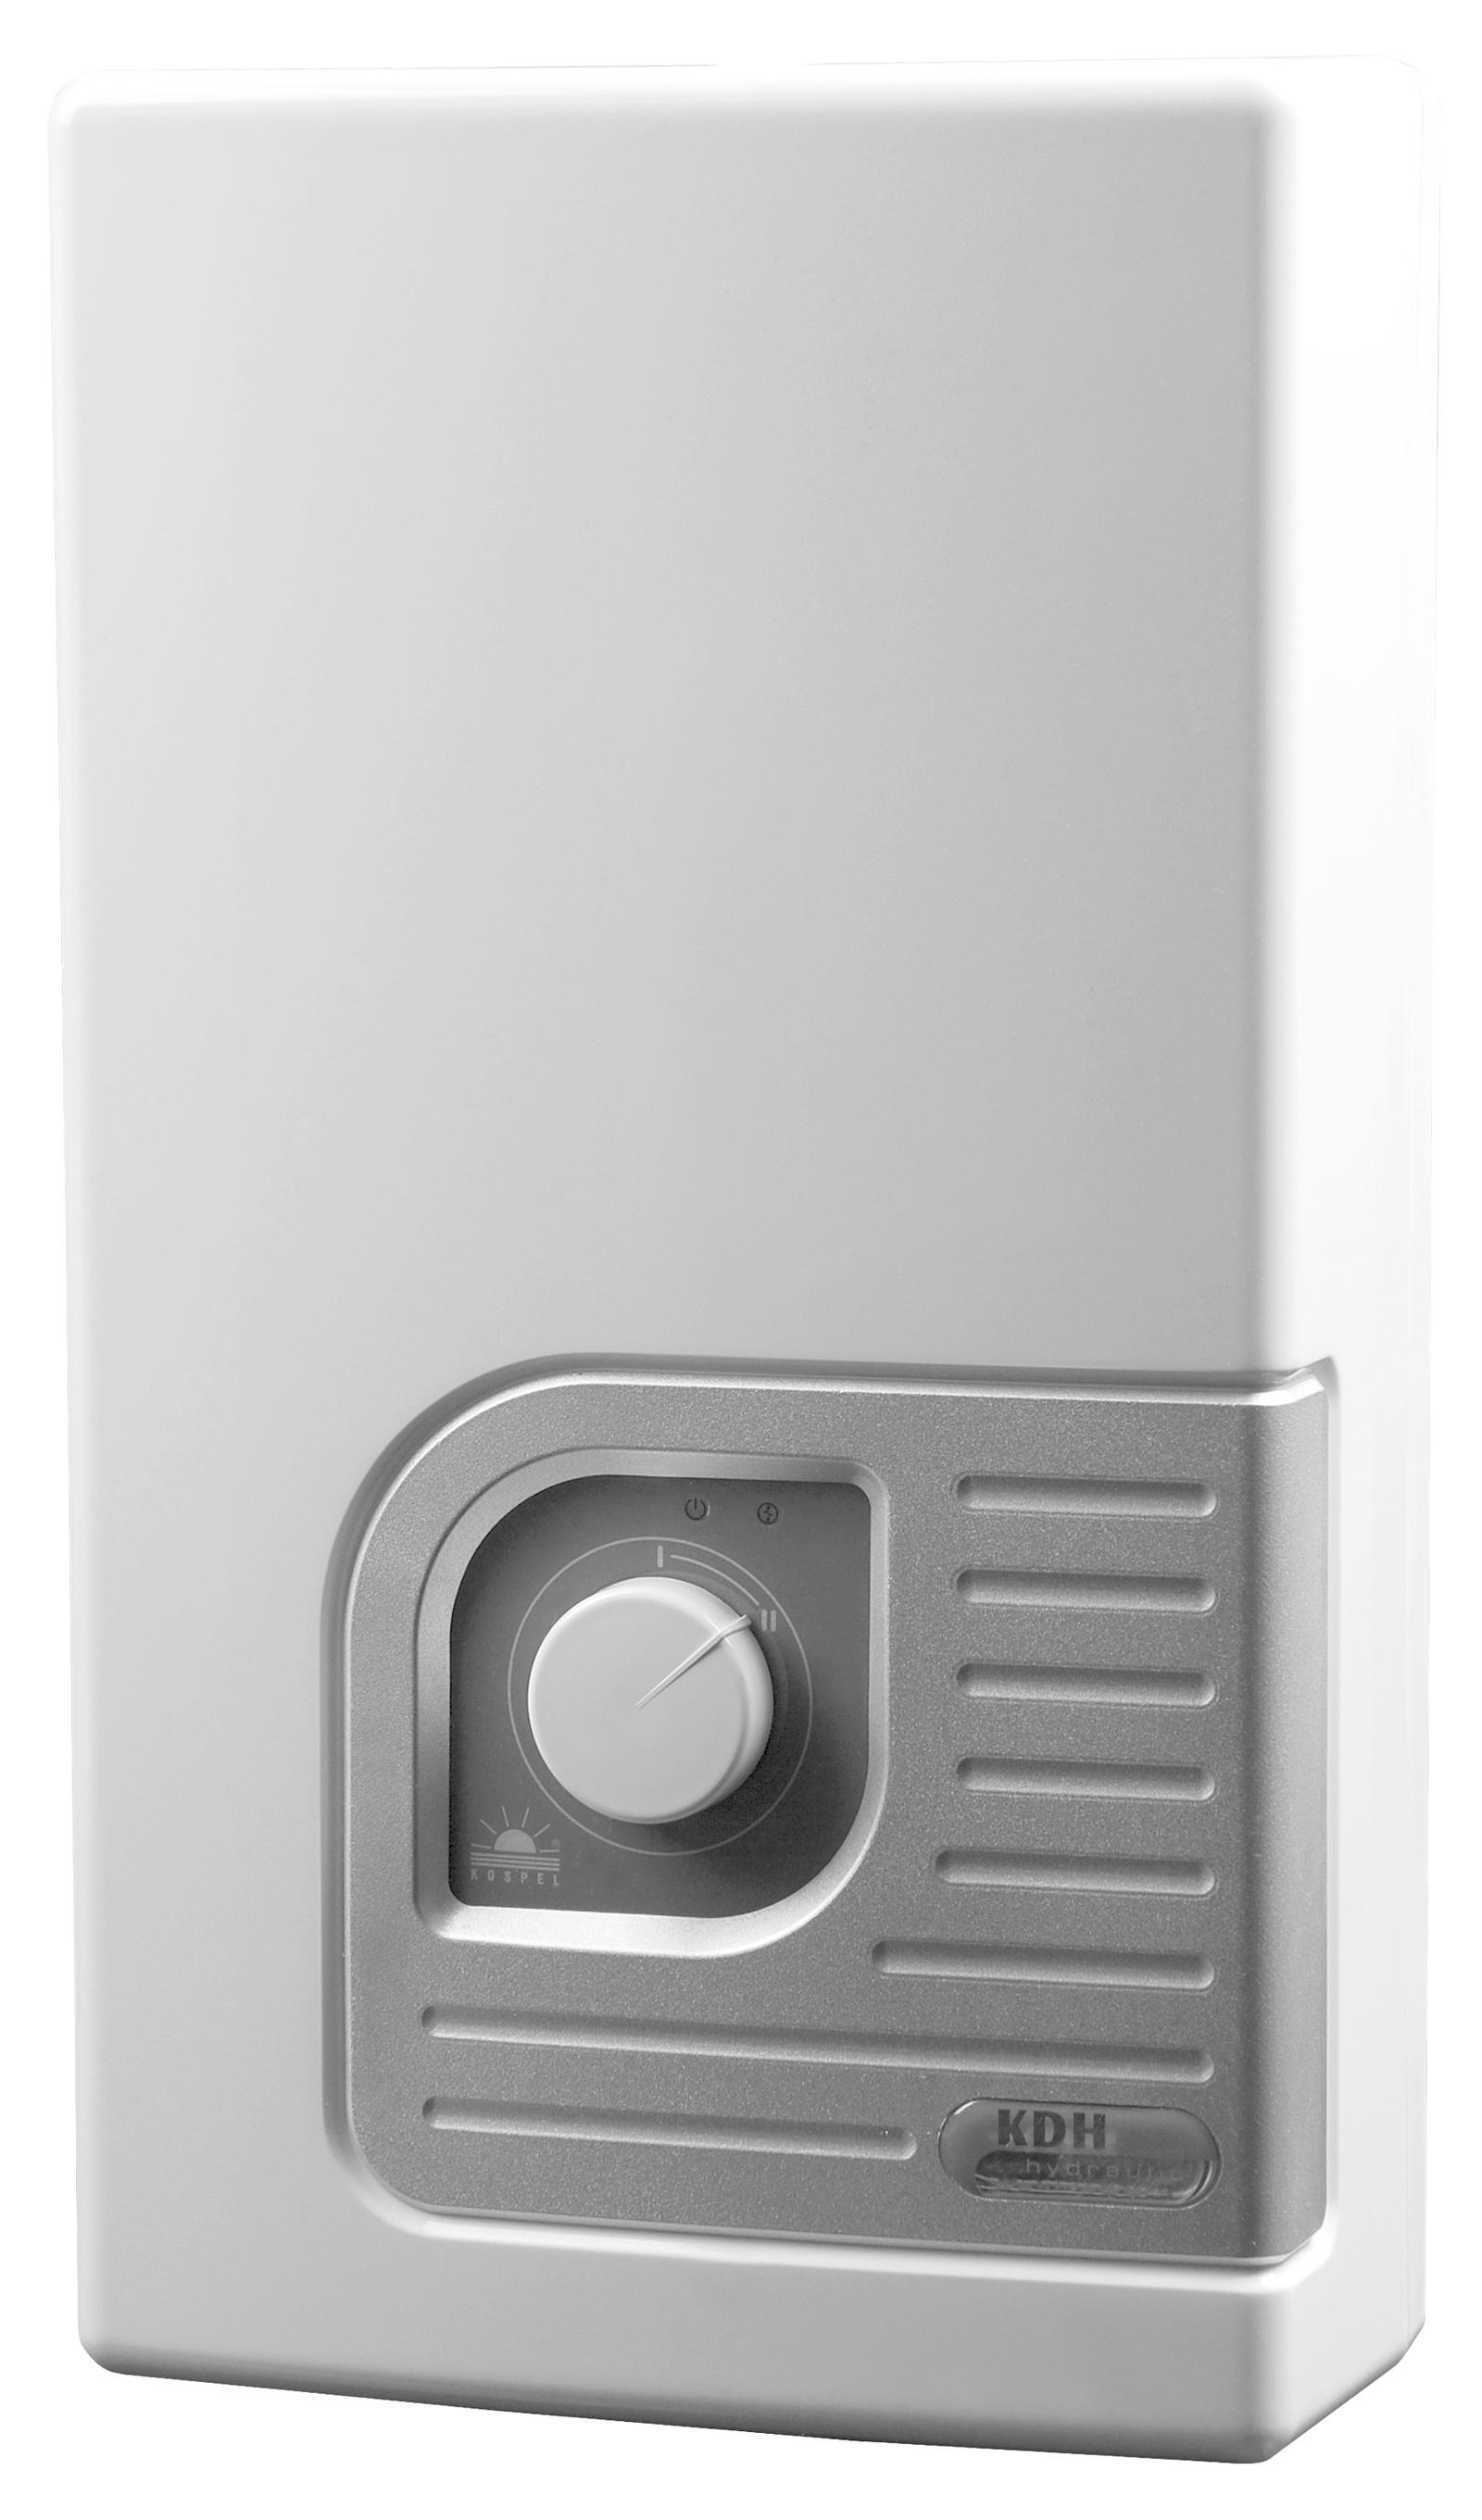 цены на Электрический проточный водонагреватель Kospel KDH 24 Luxus